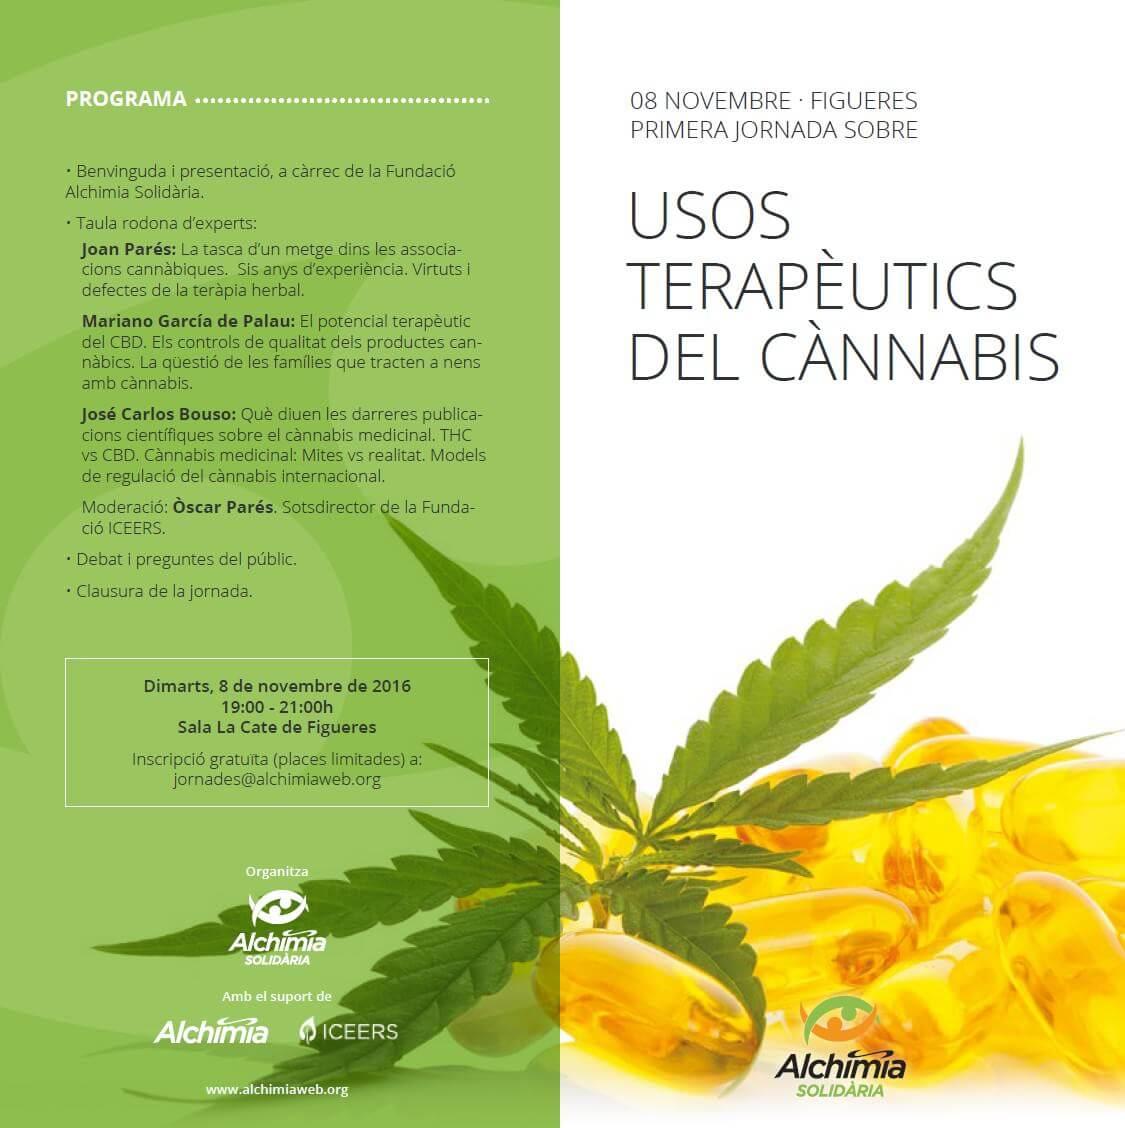 Conférence sur l'usage thérapeutique du cannabis à Figueres